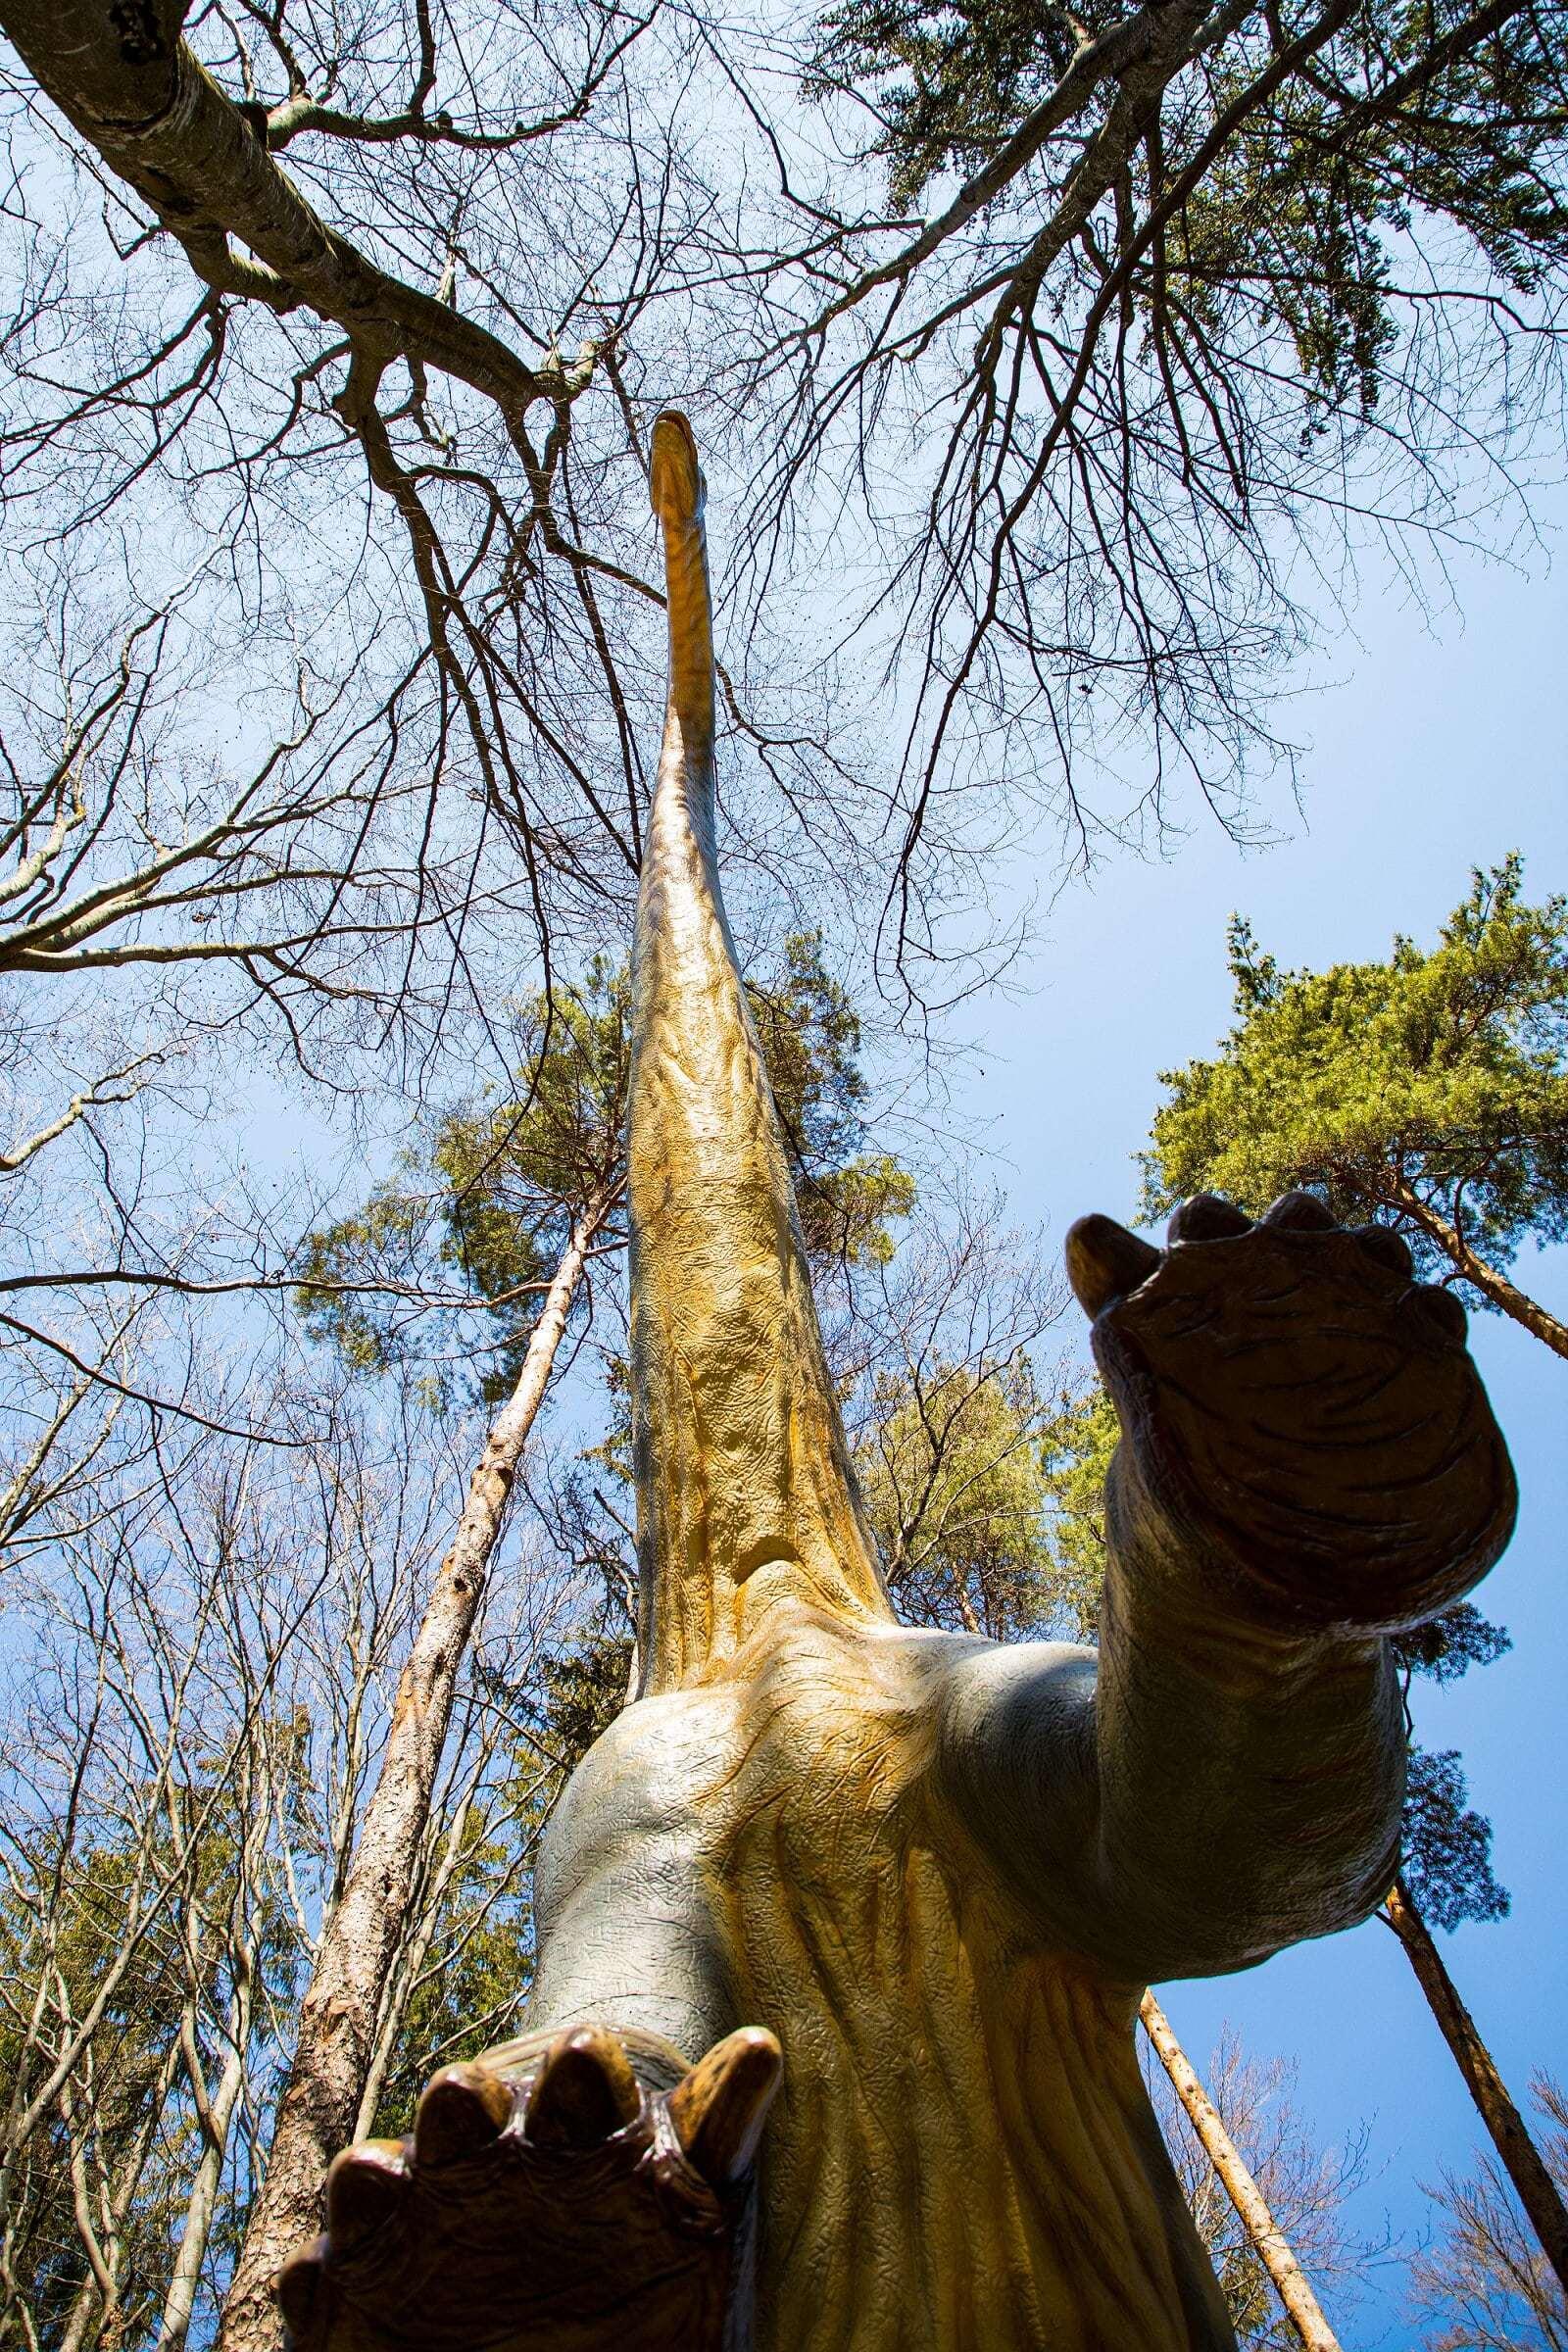 Cel mai înalt dinozaur din sud-estul Europei se află la Râşnov. Este cât două girafe suprapuse